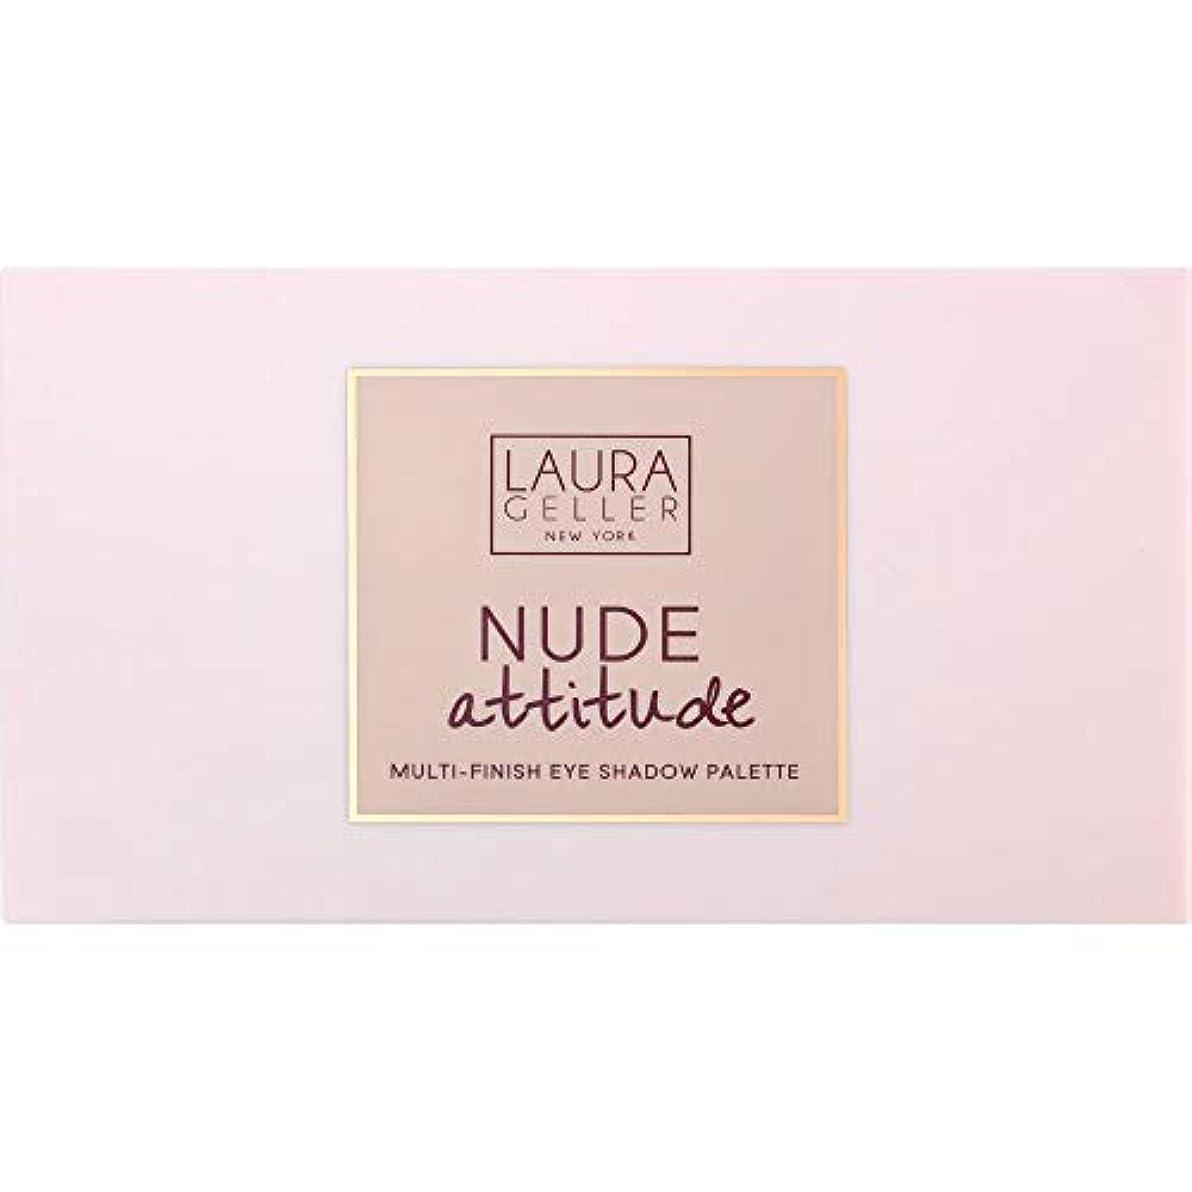 ホラーファイター[Laura Geller ] ローラ?ゲラーヌード態度マルチフィニッシュアイシャドウパレット12×1.1グラム - Laura Geller Nude Attitude Multi-Finish Eye Shadow...